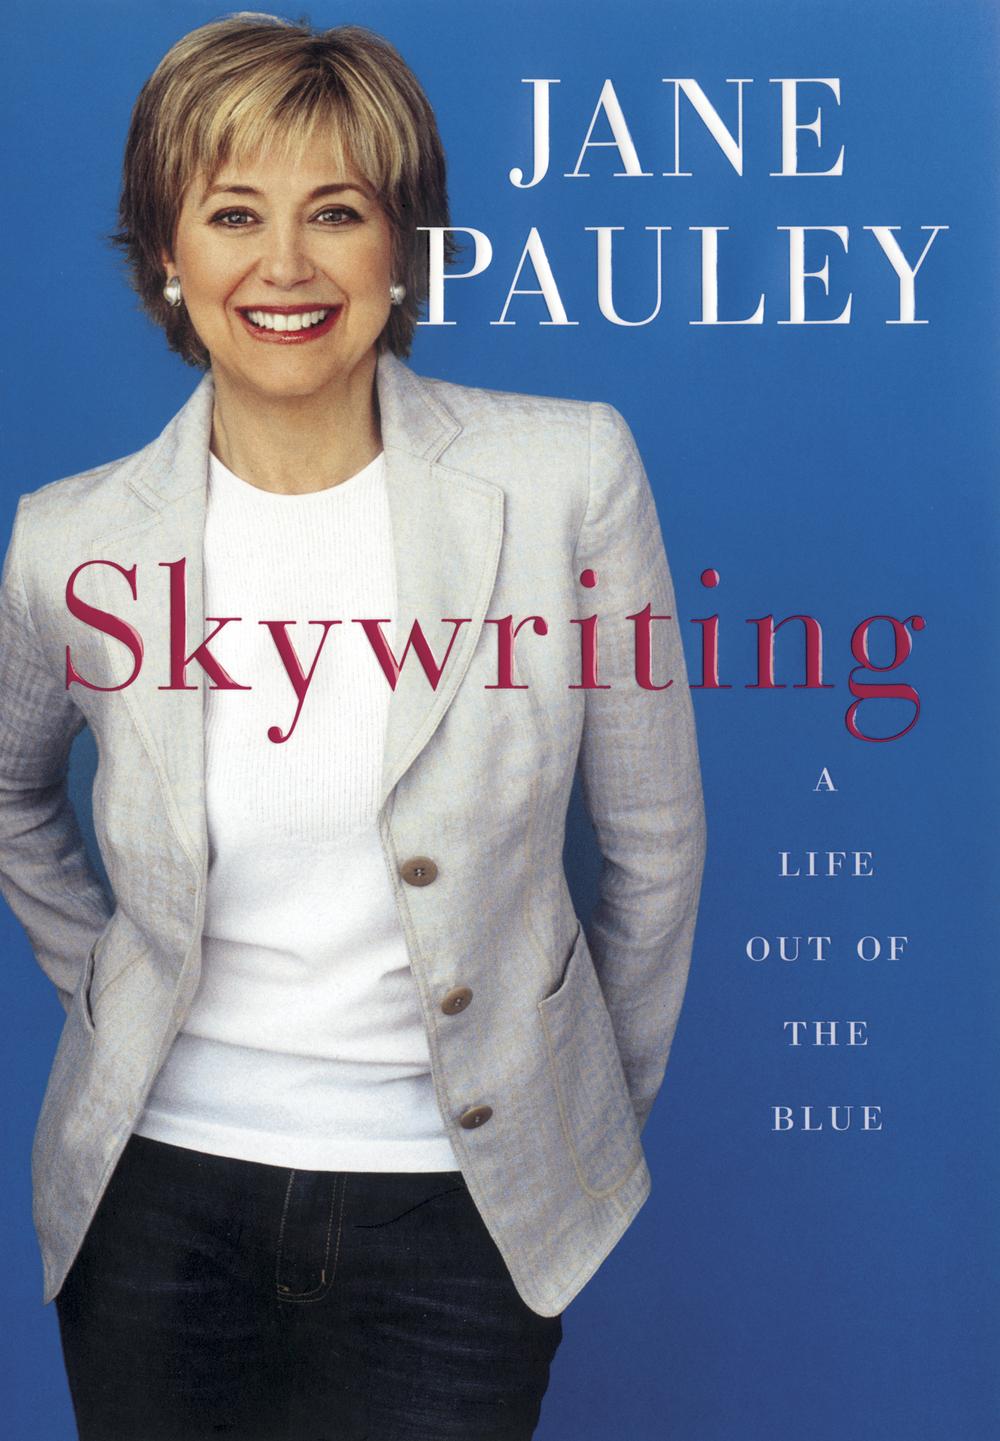 pauley_book.jpg